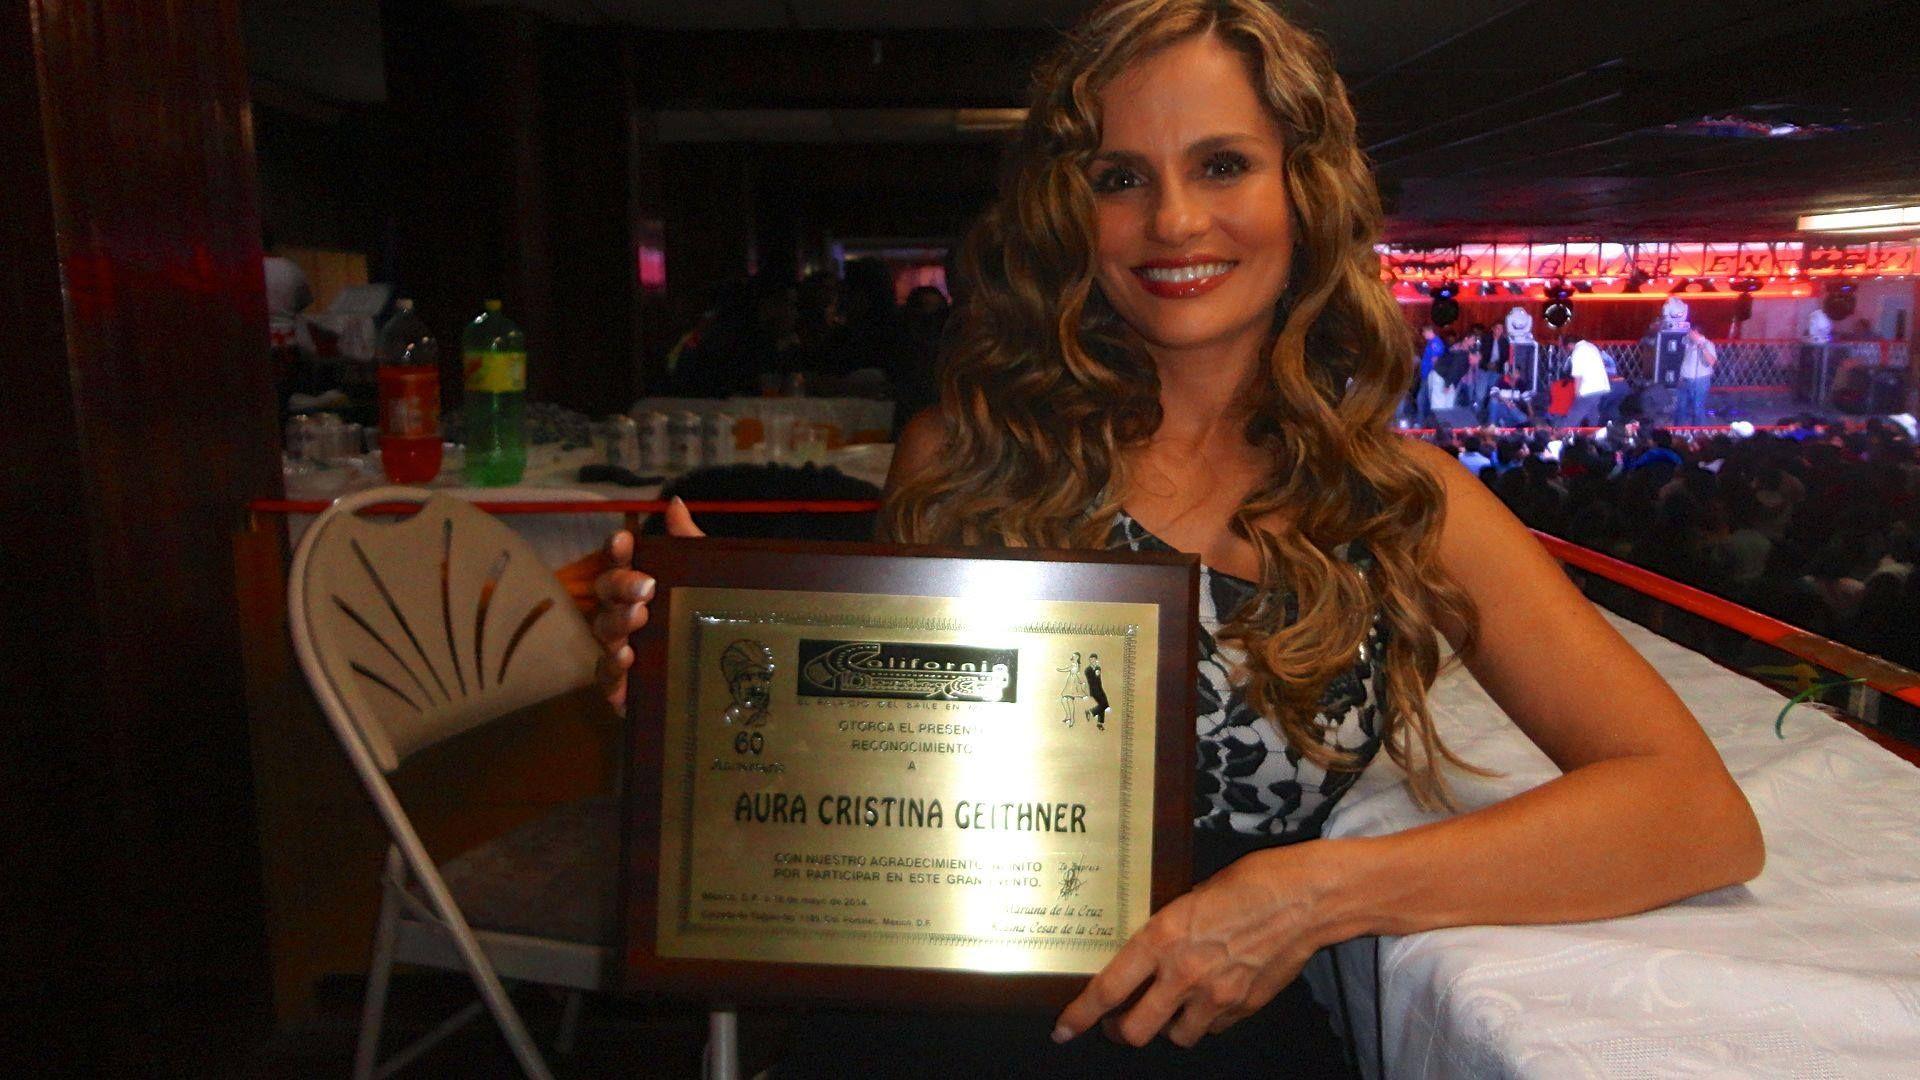 Aura Cristina Geithner, Reconocimiento 60 Aniversario del California Club, 2014.